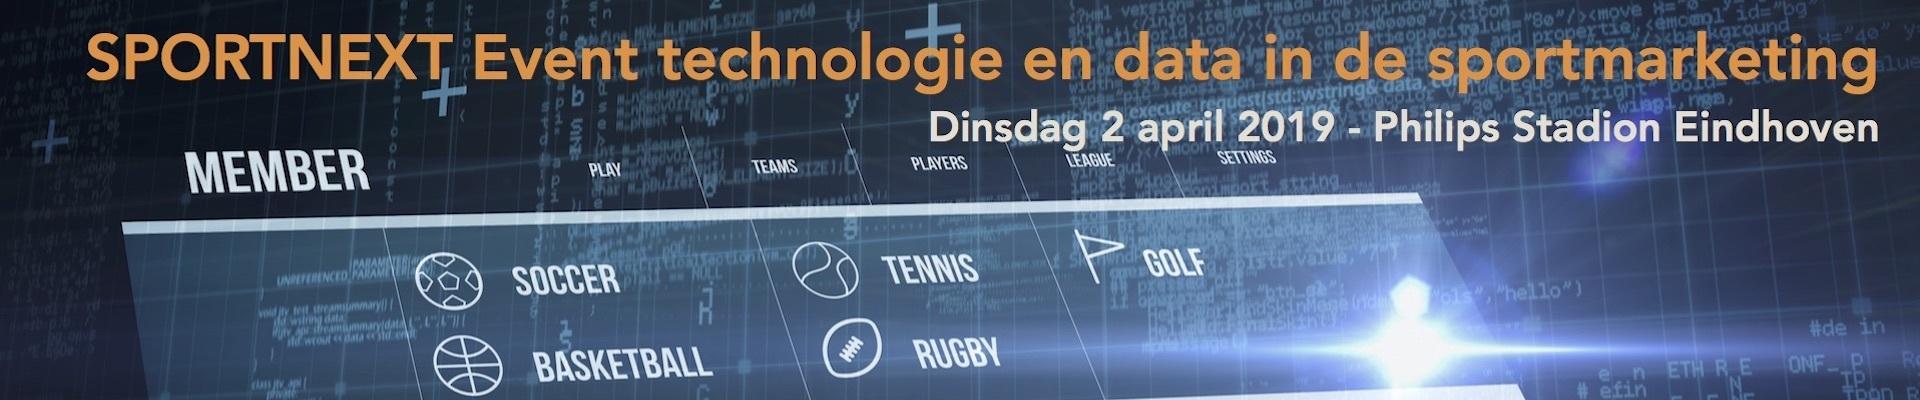 SPORTNEXT Seminar technologie en data in de sport